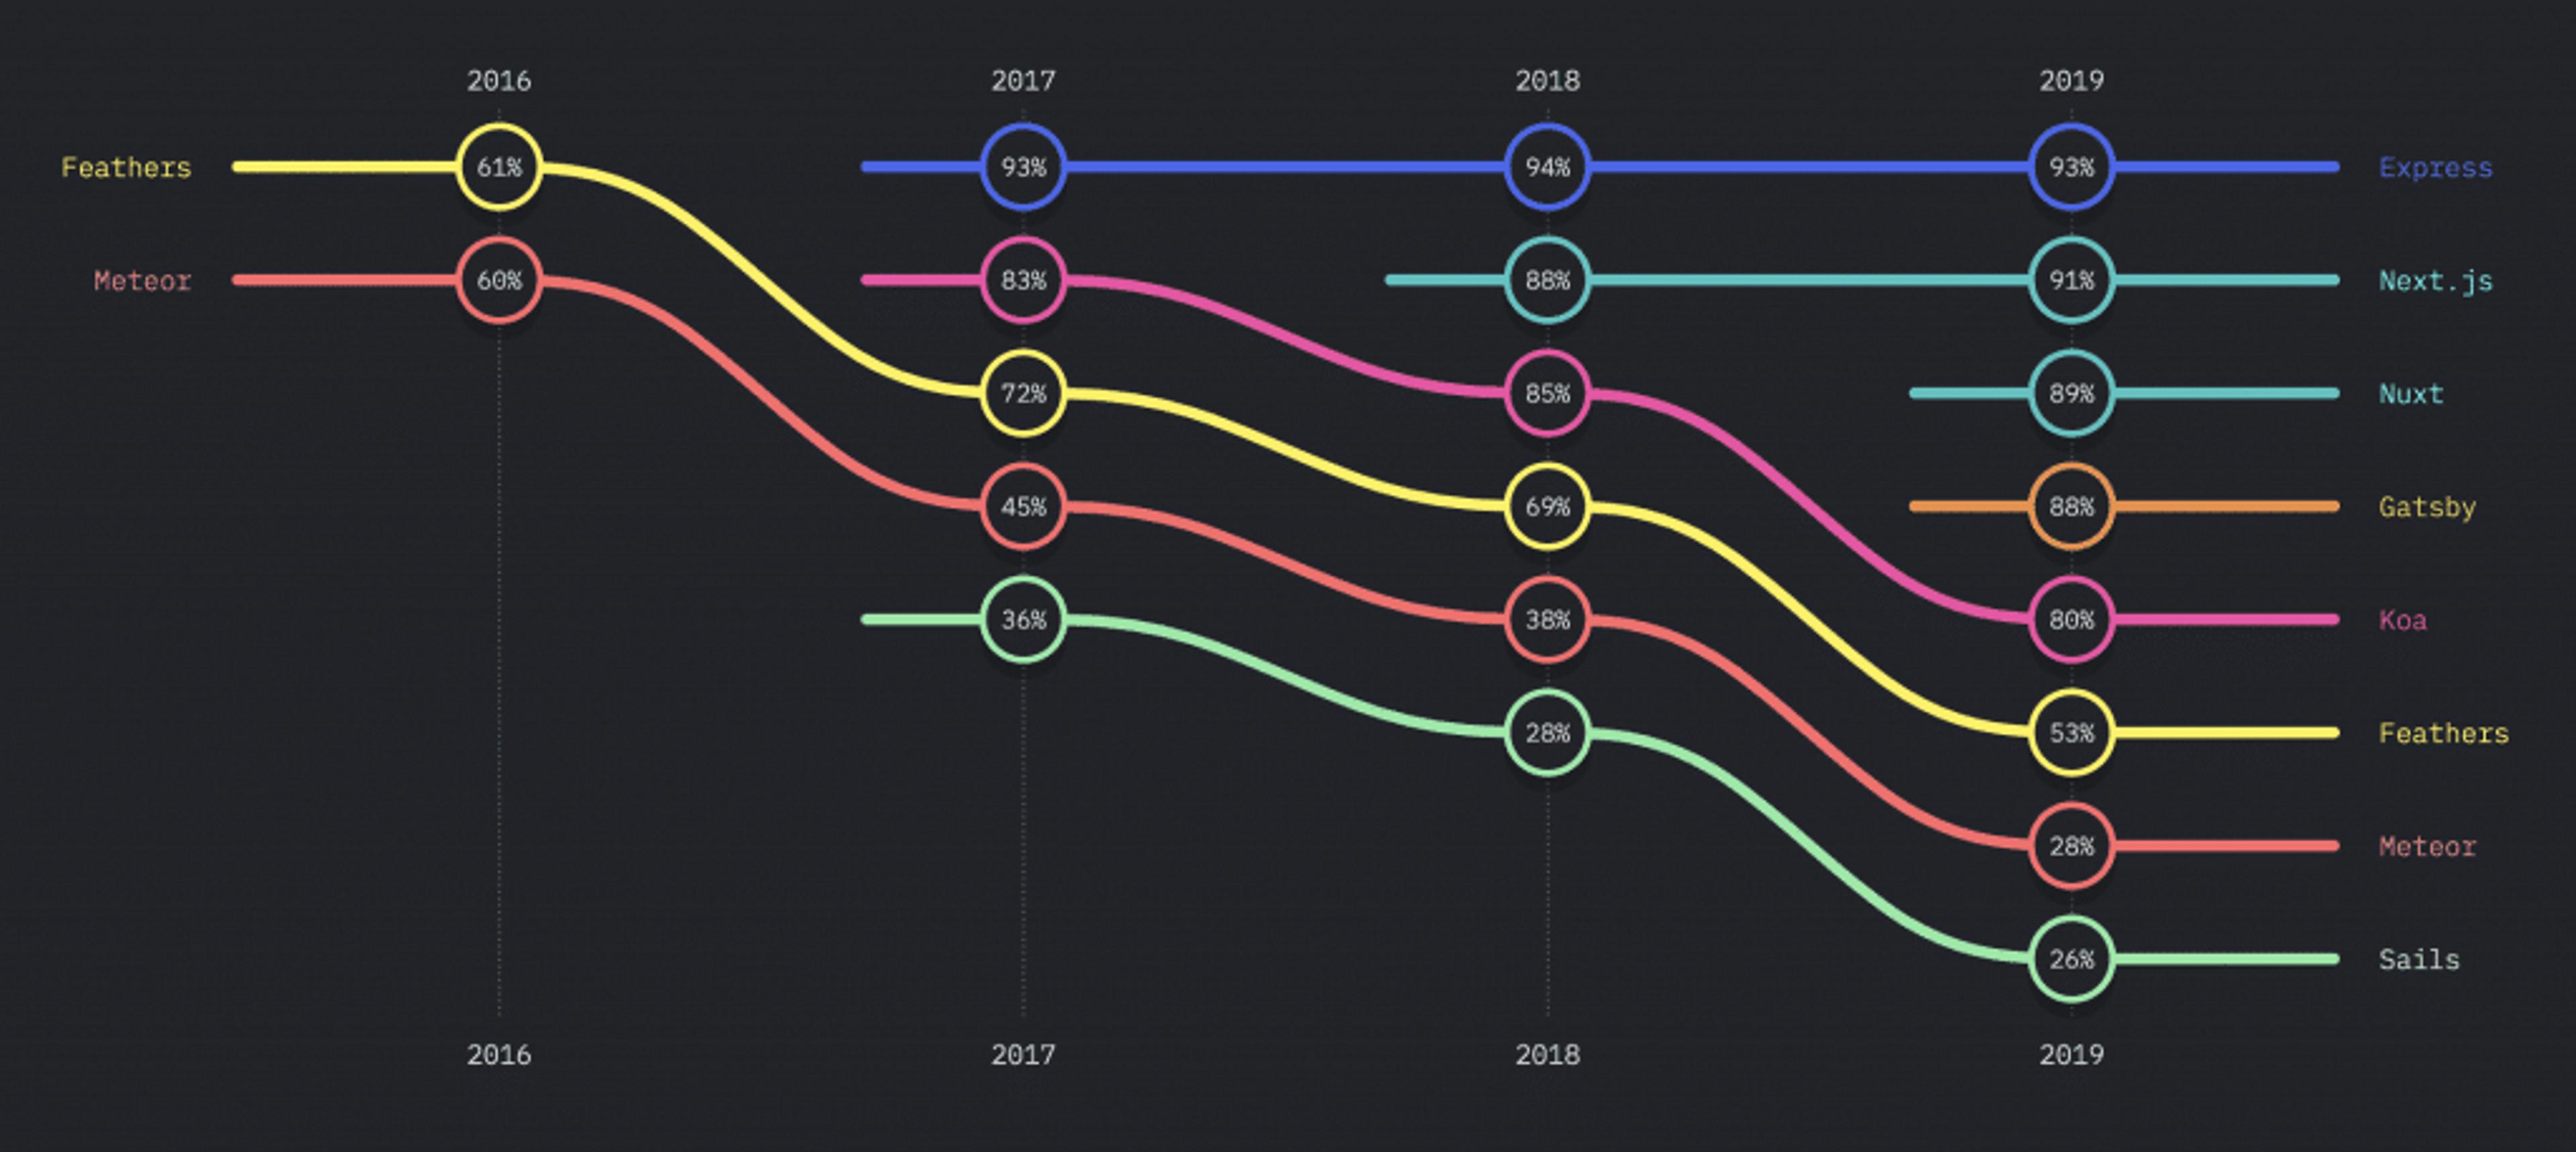 Pourquoi NextJS est le framework qui attire le plus les développeurs JavaScript en 2019 ?